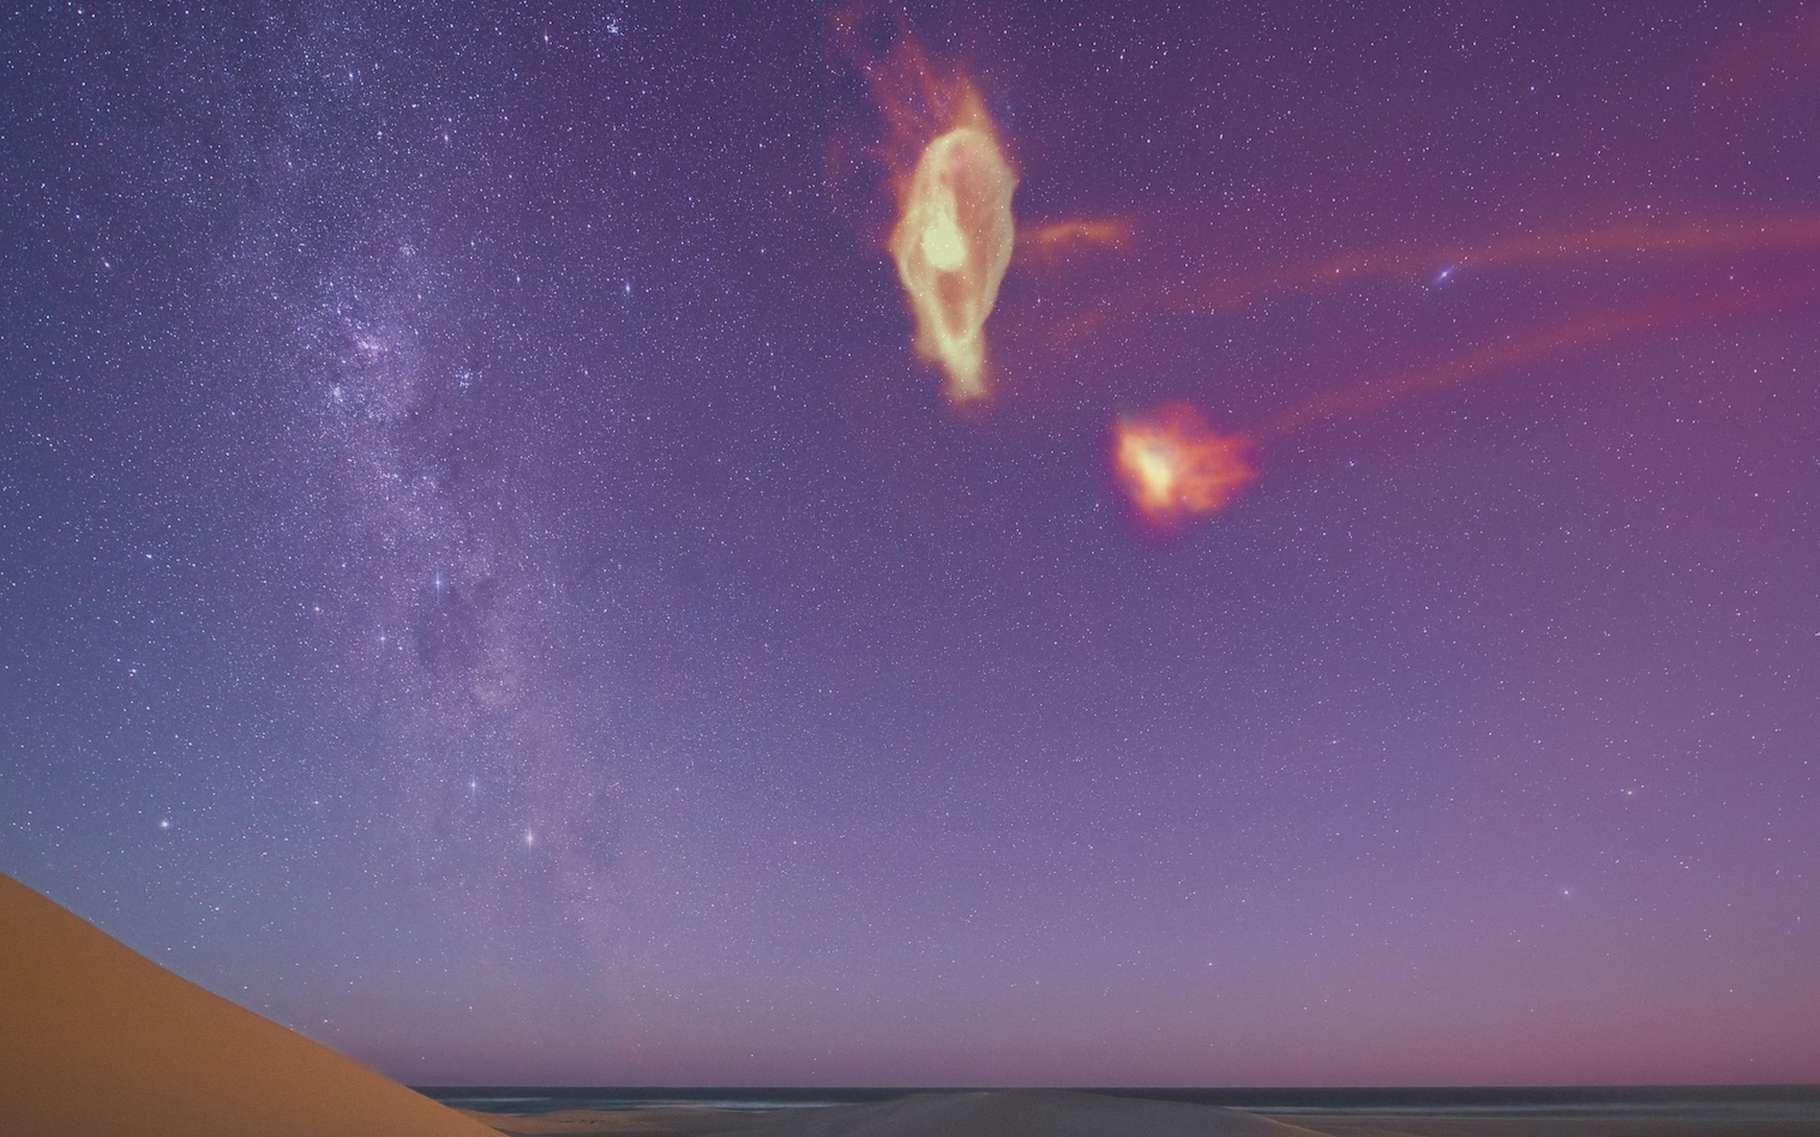 Voici à quoi ressemblerait le courant de Magellan s'il était visible dans le ciel, comme un gaz s'écoulant des Nuages de Magellan. © Colin Legg et Scott Lucchini, Université du Wisconsin